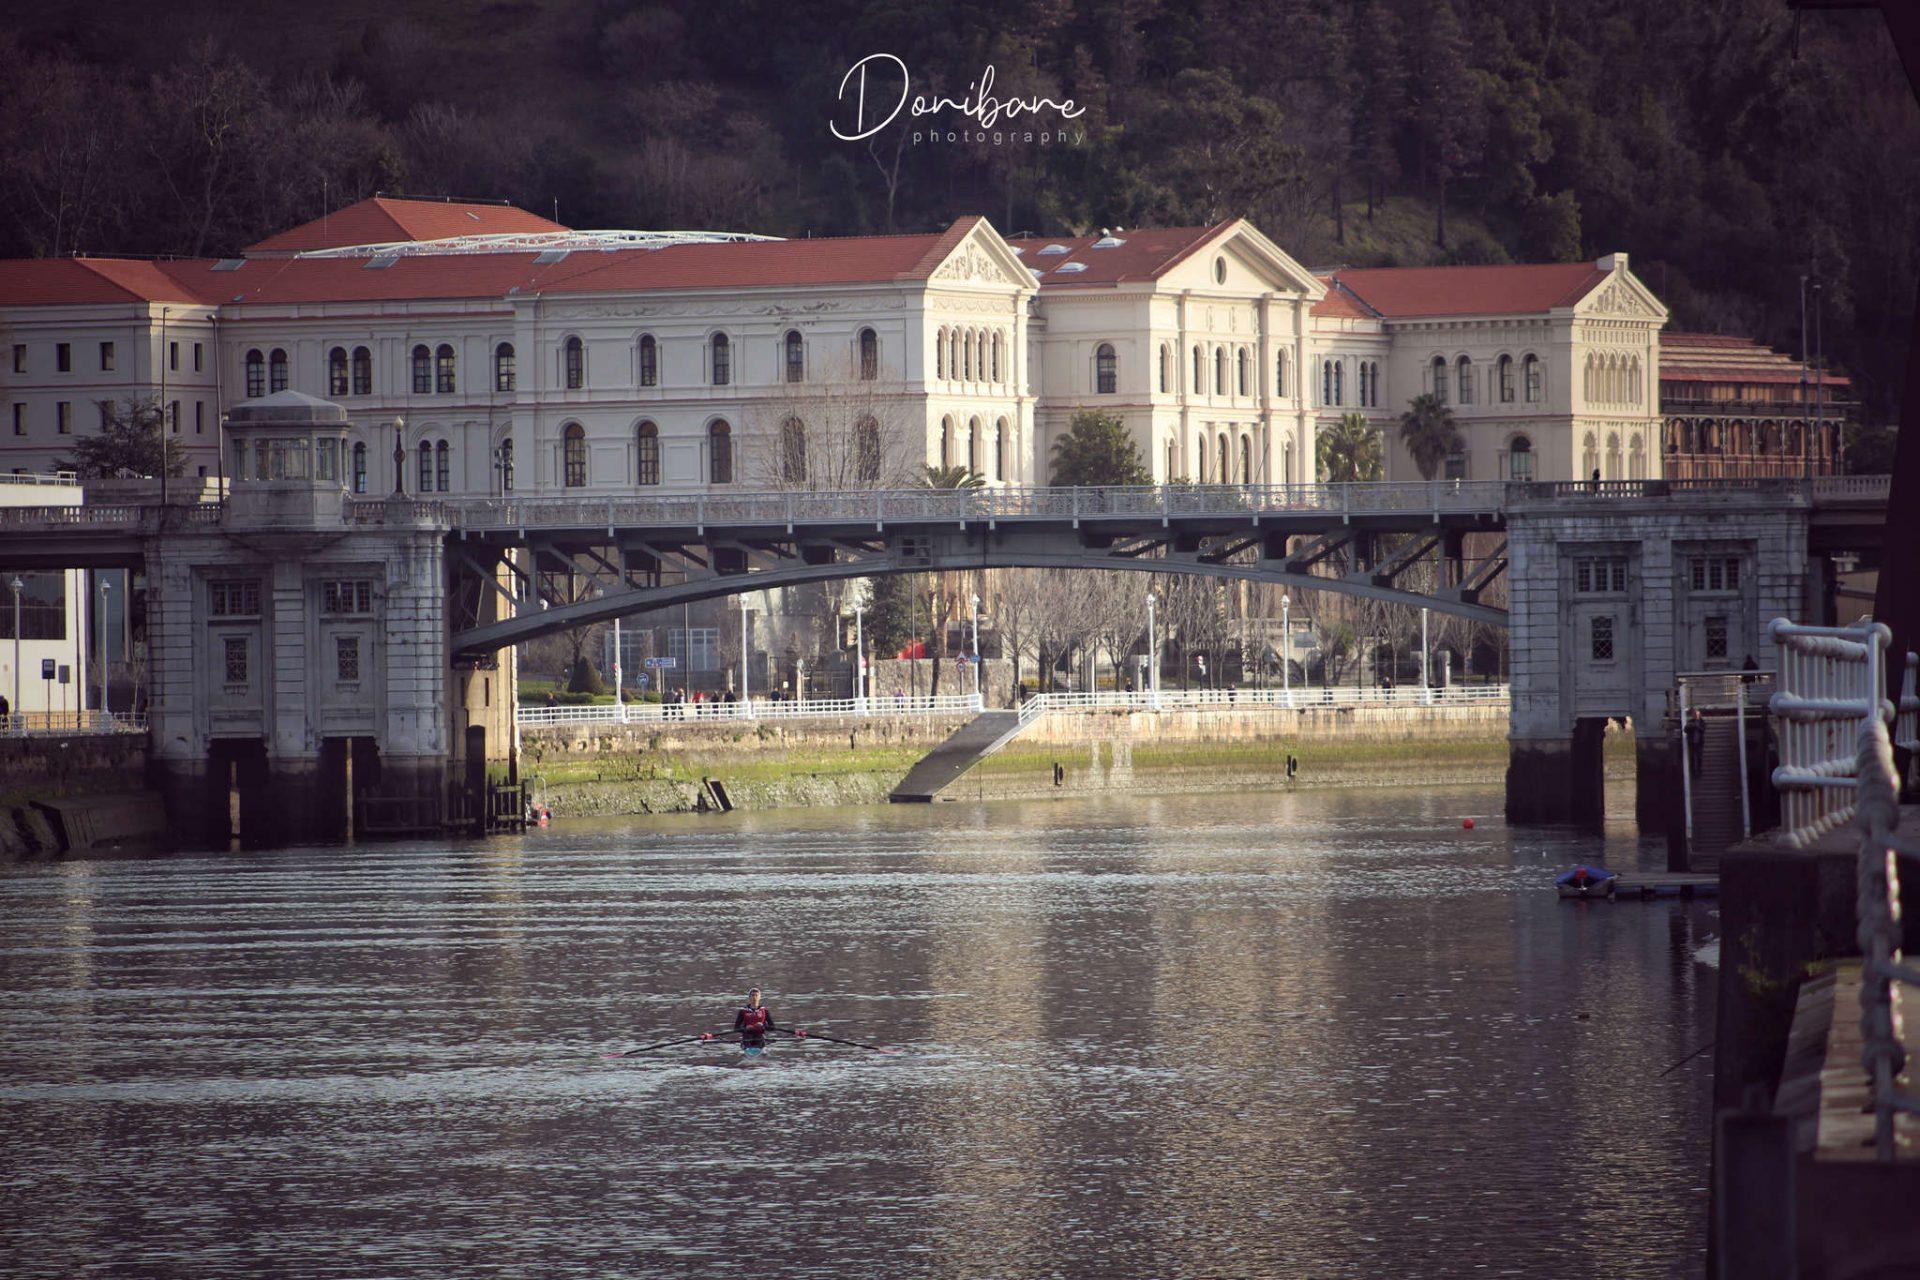 Puente de Deusto by Donibane